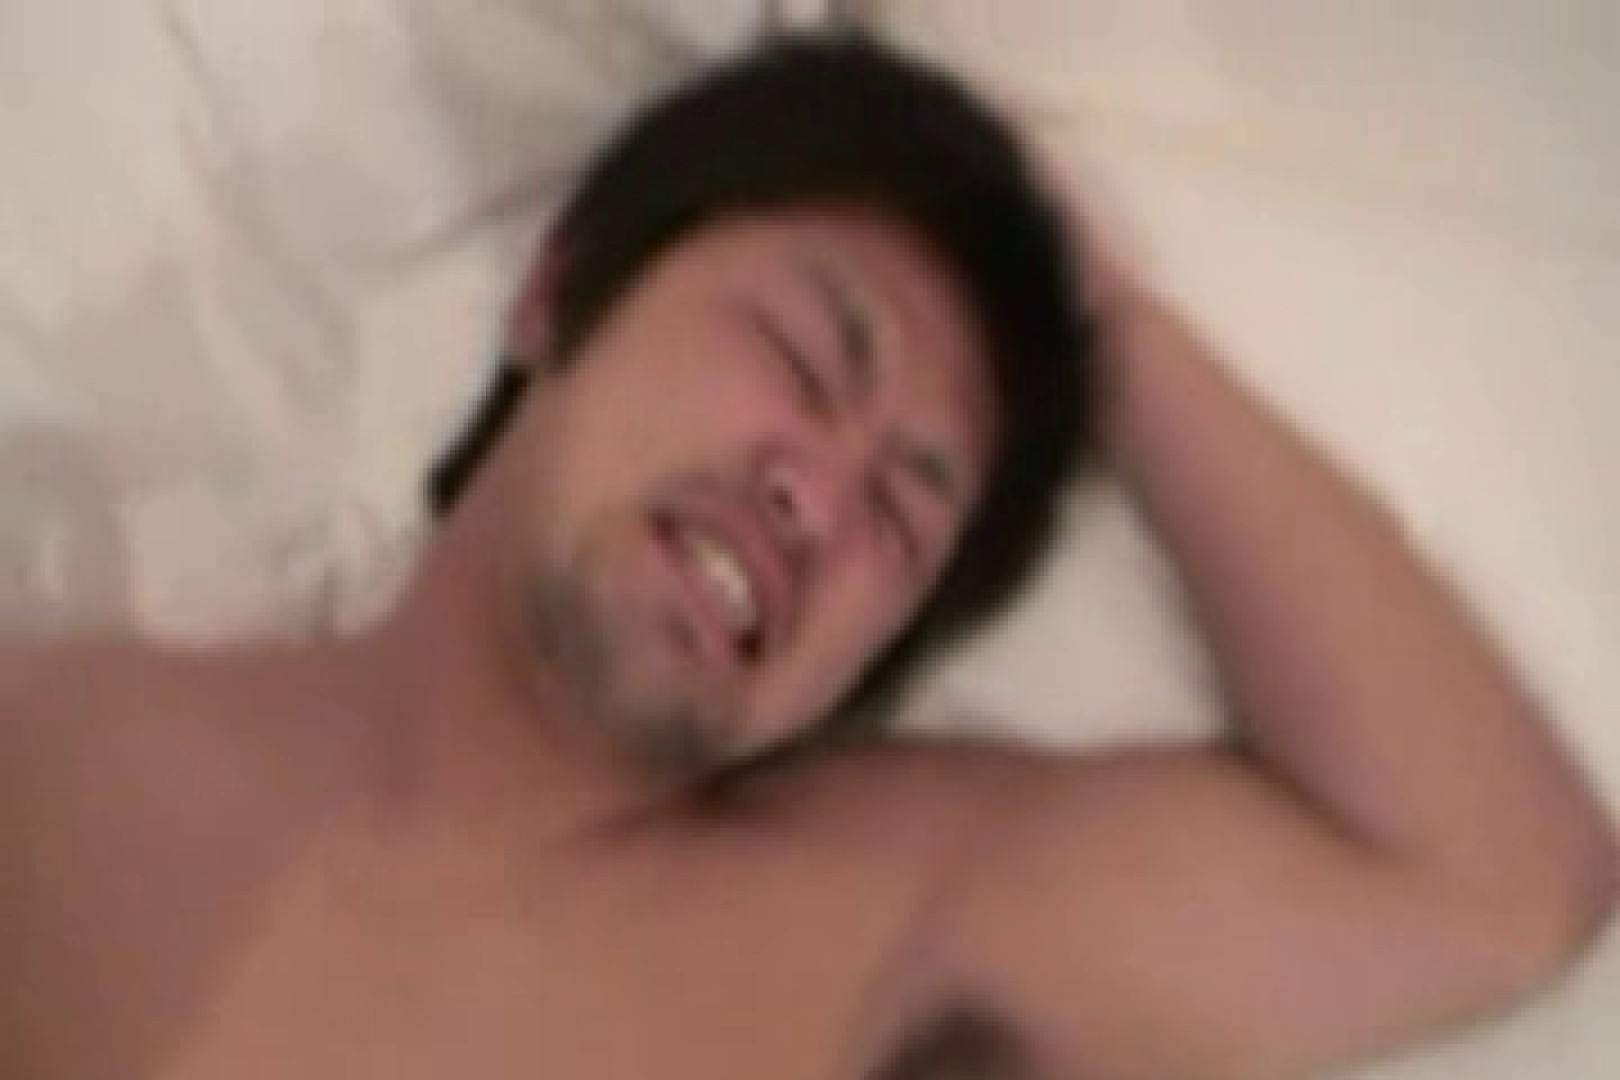 ひげメンたちのディープラブ!!コックリングでアナル三昧 玩具 ゲイモロ画像 97pic 48